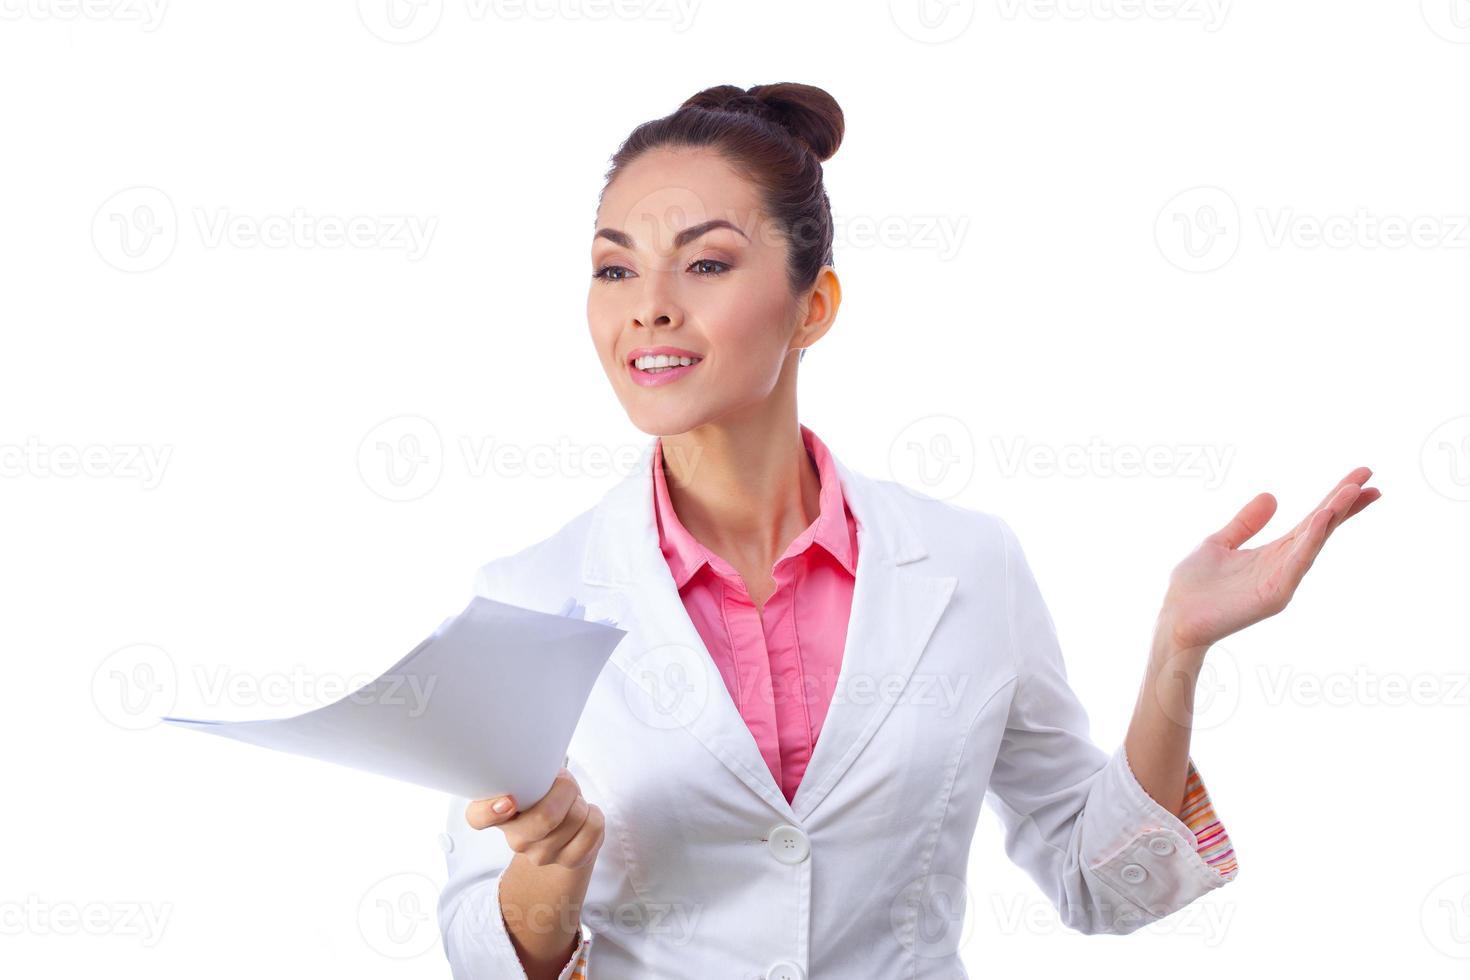 mulher amigável segurando papéis. tudo isolado no fundo branco foto